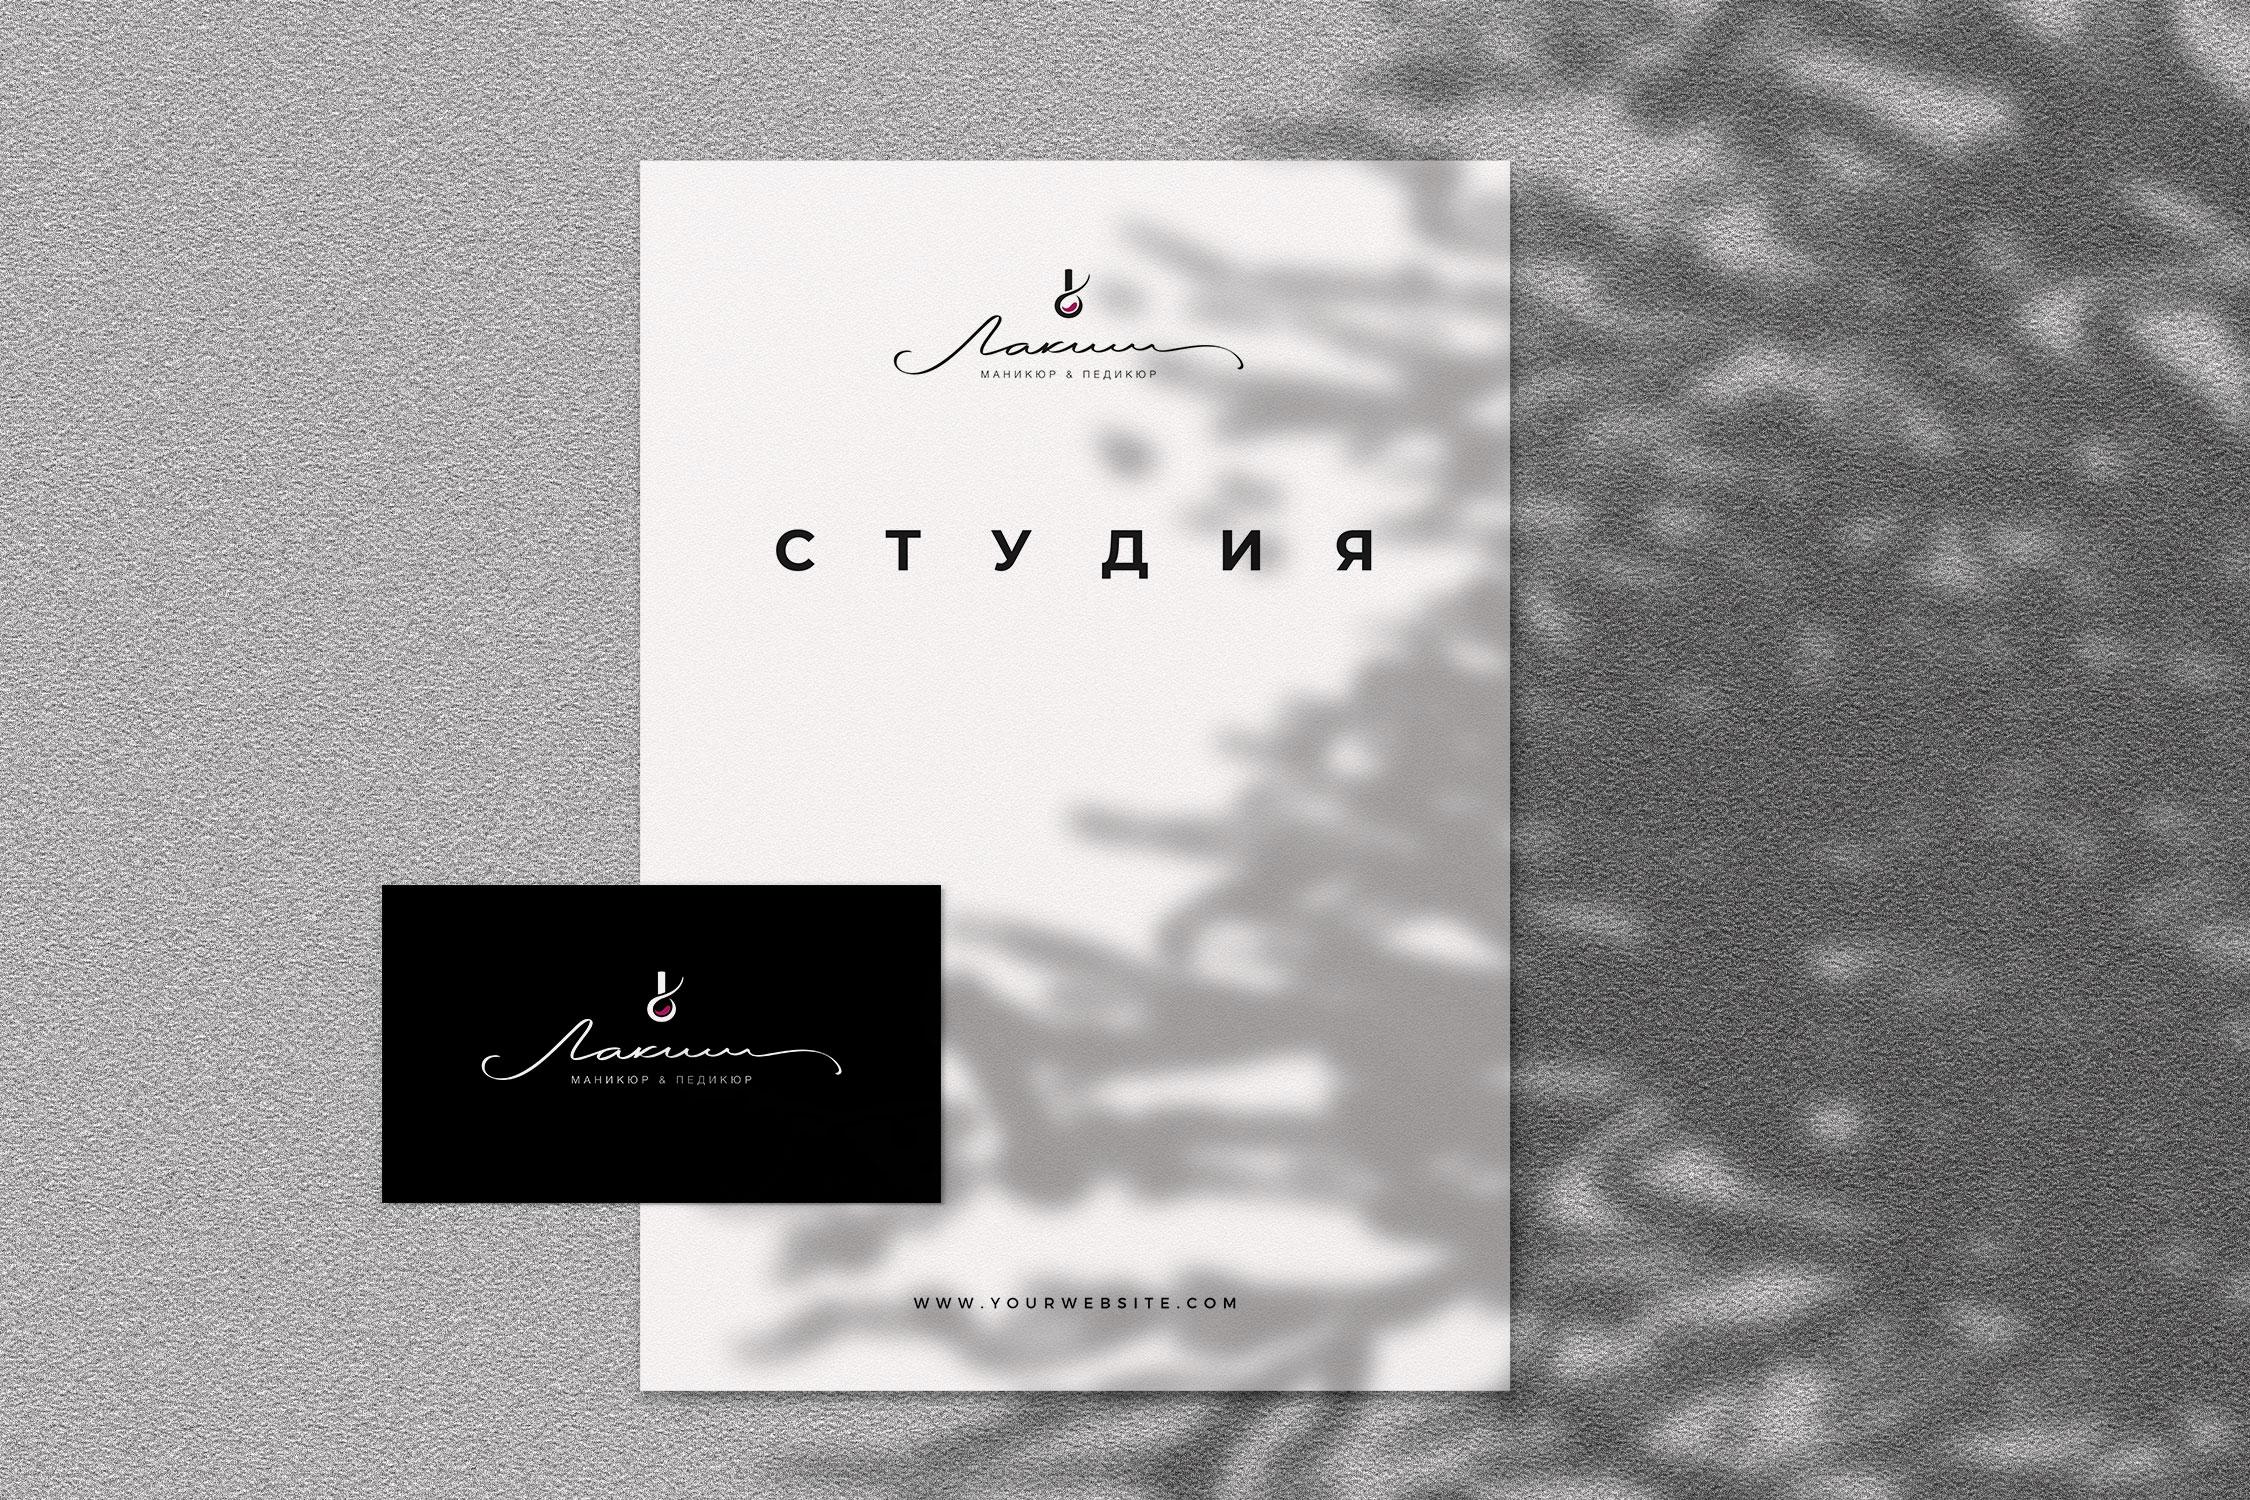 Разработка логотипа фирменного стиля фото f_4835c5c0f8546689.jpg